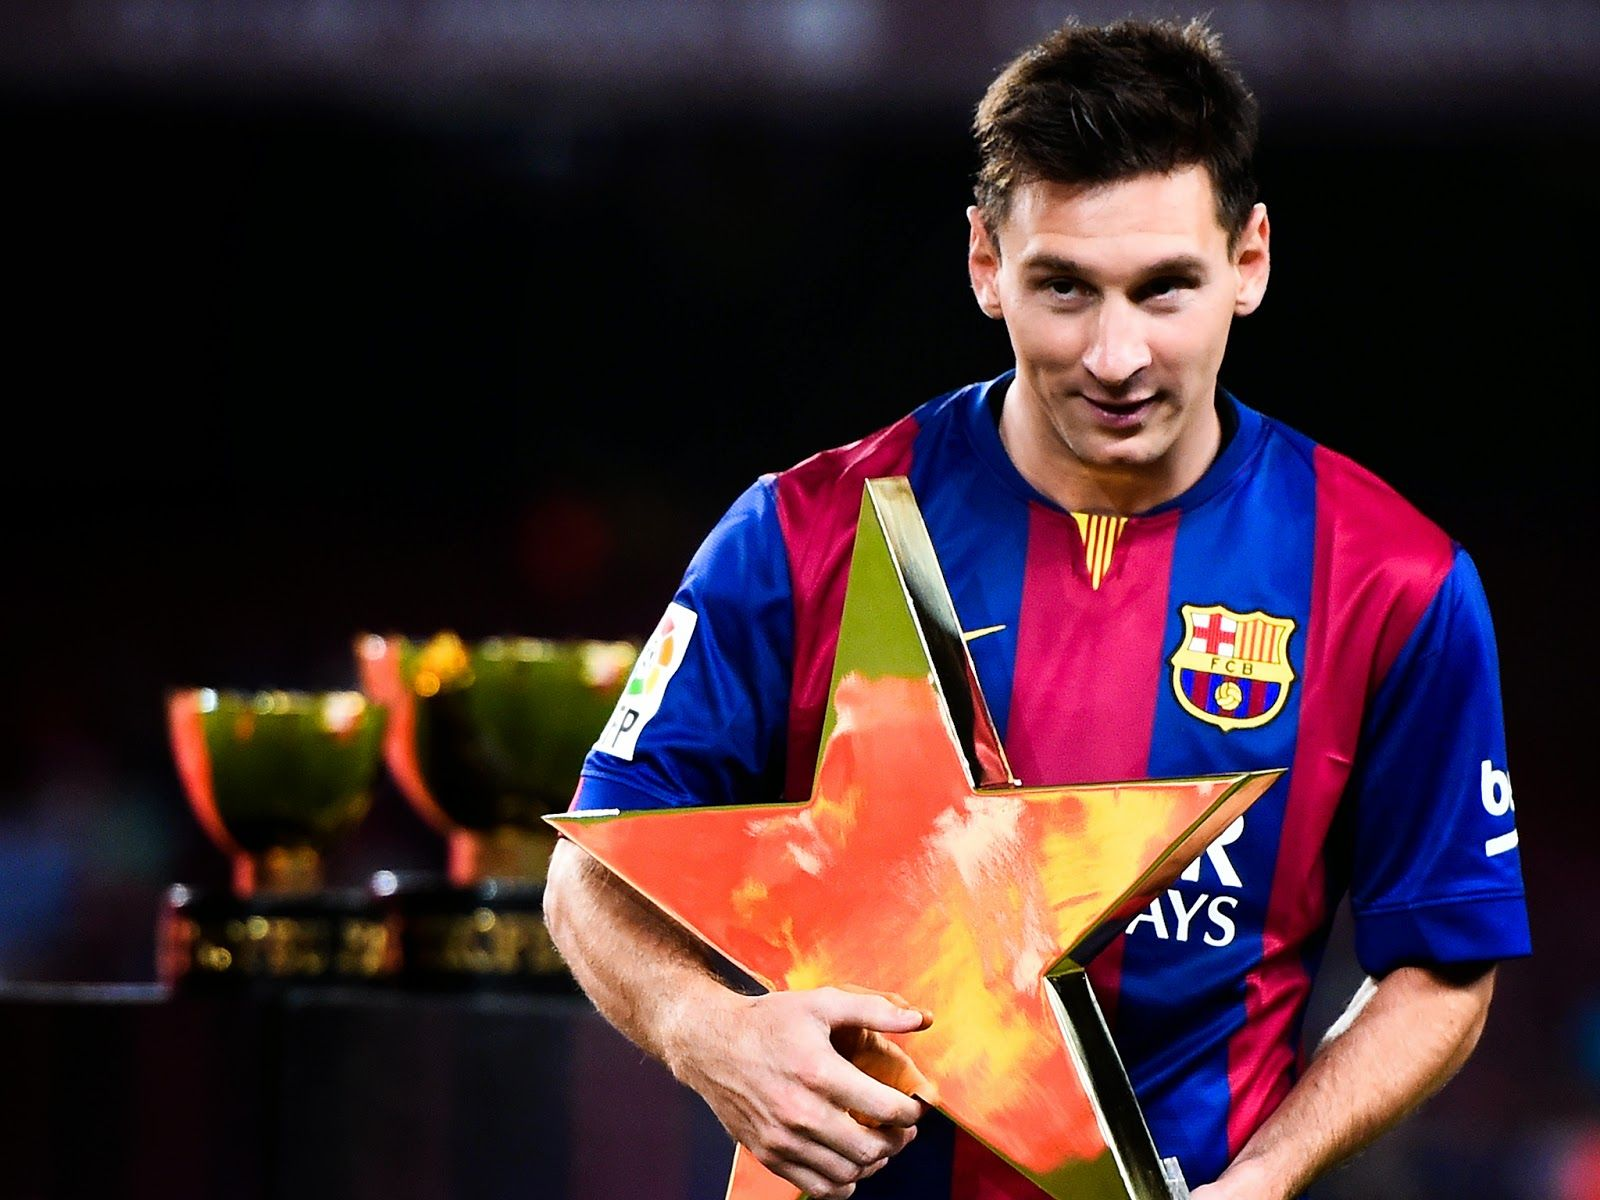 легким фото лучшие футболисты если парень ебёт